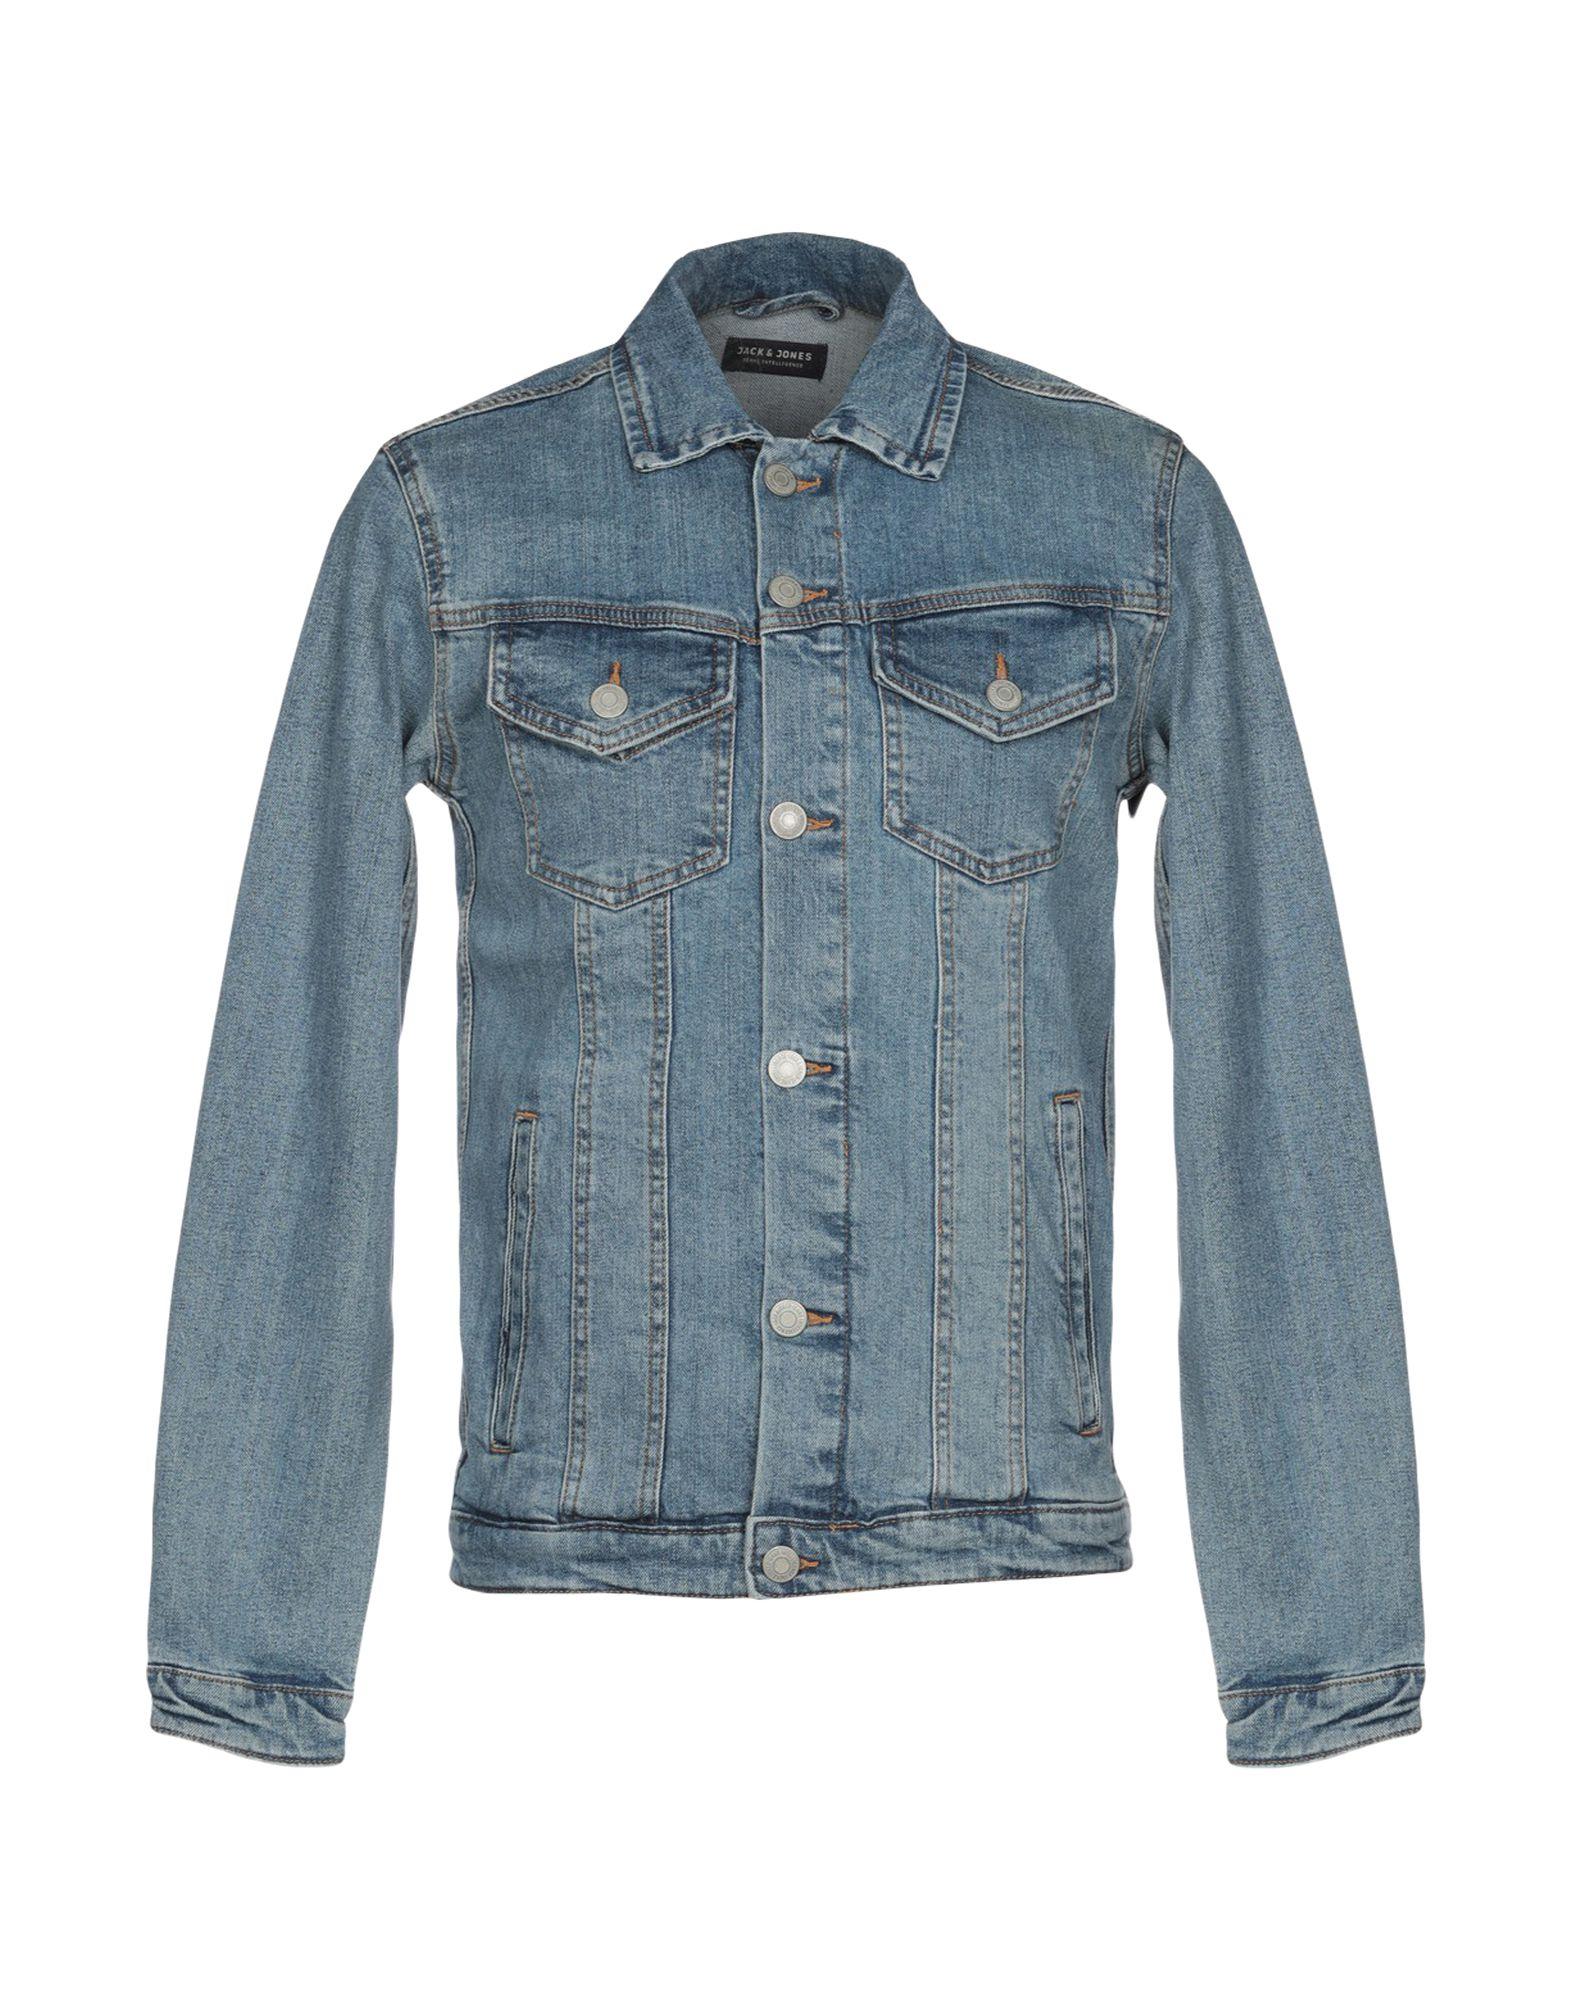 JACK & JONES Джинсовая верхняя одежда брендовая одежда